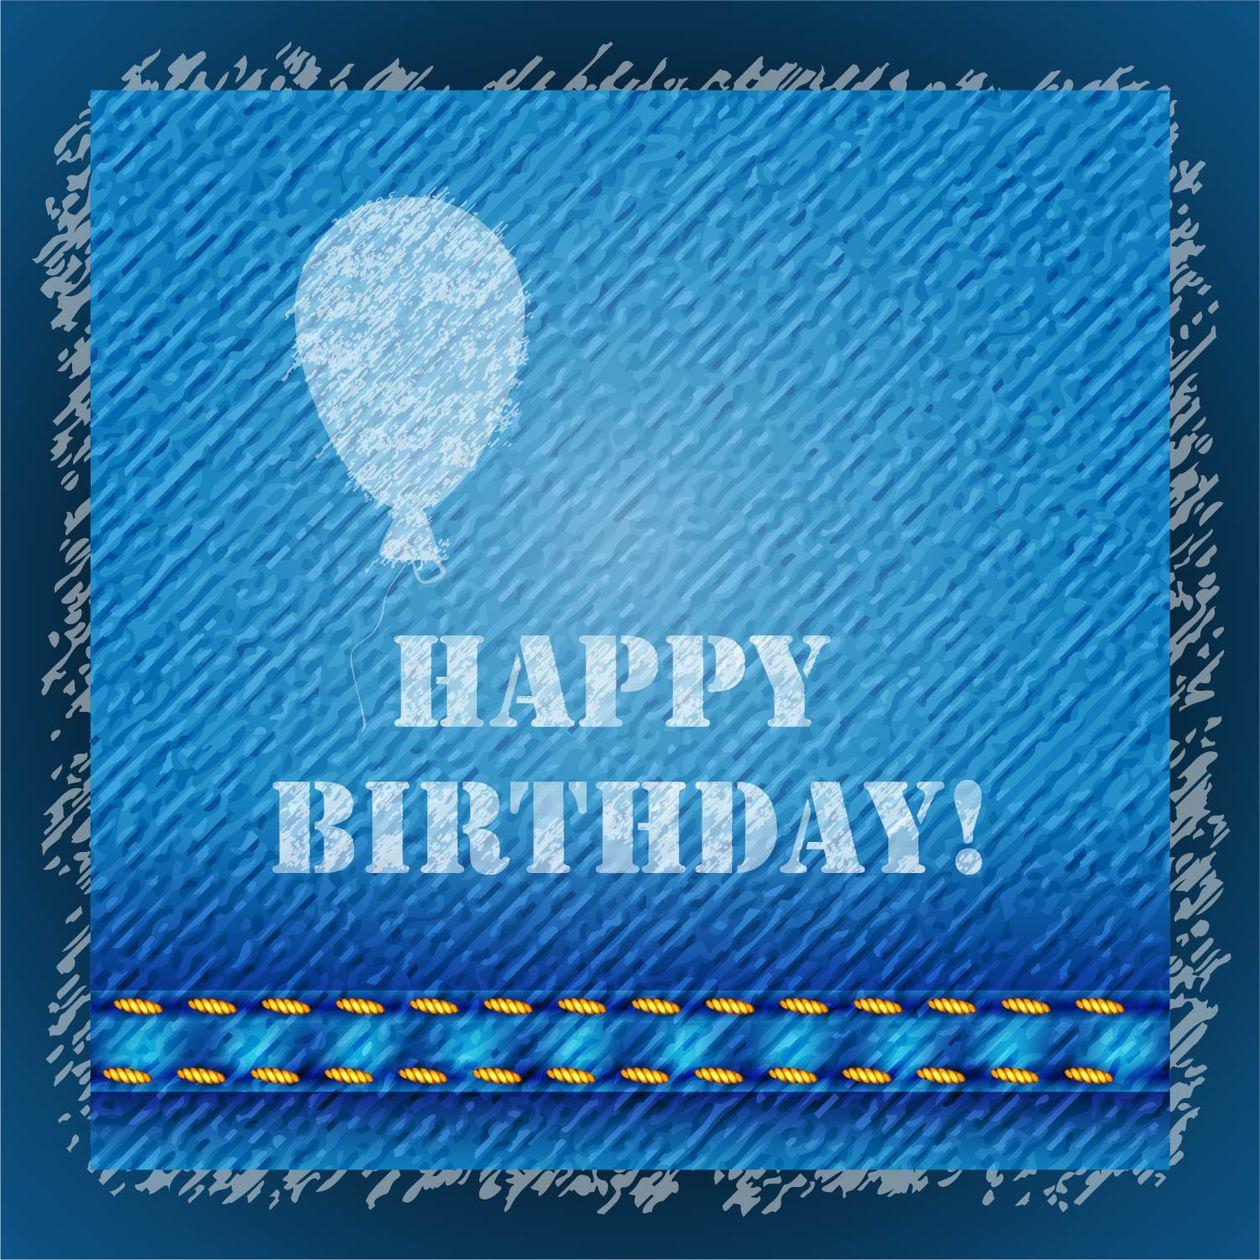 Happy birthday text Photoshop brush